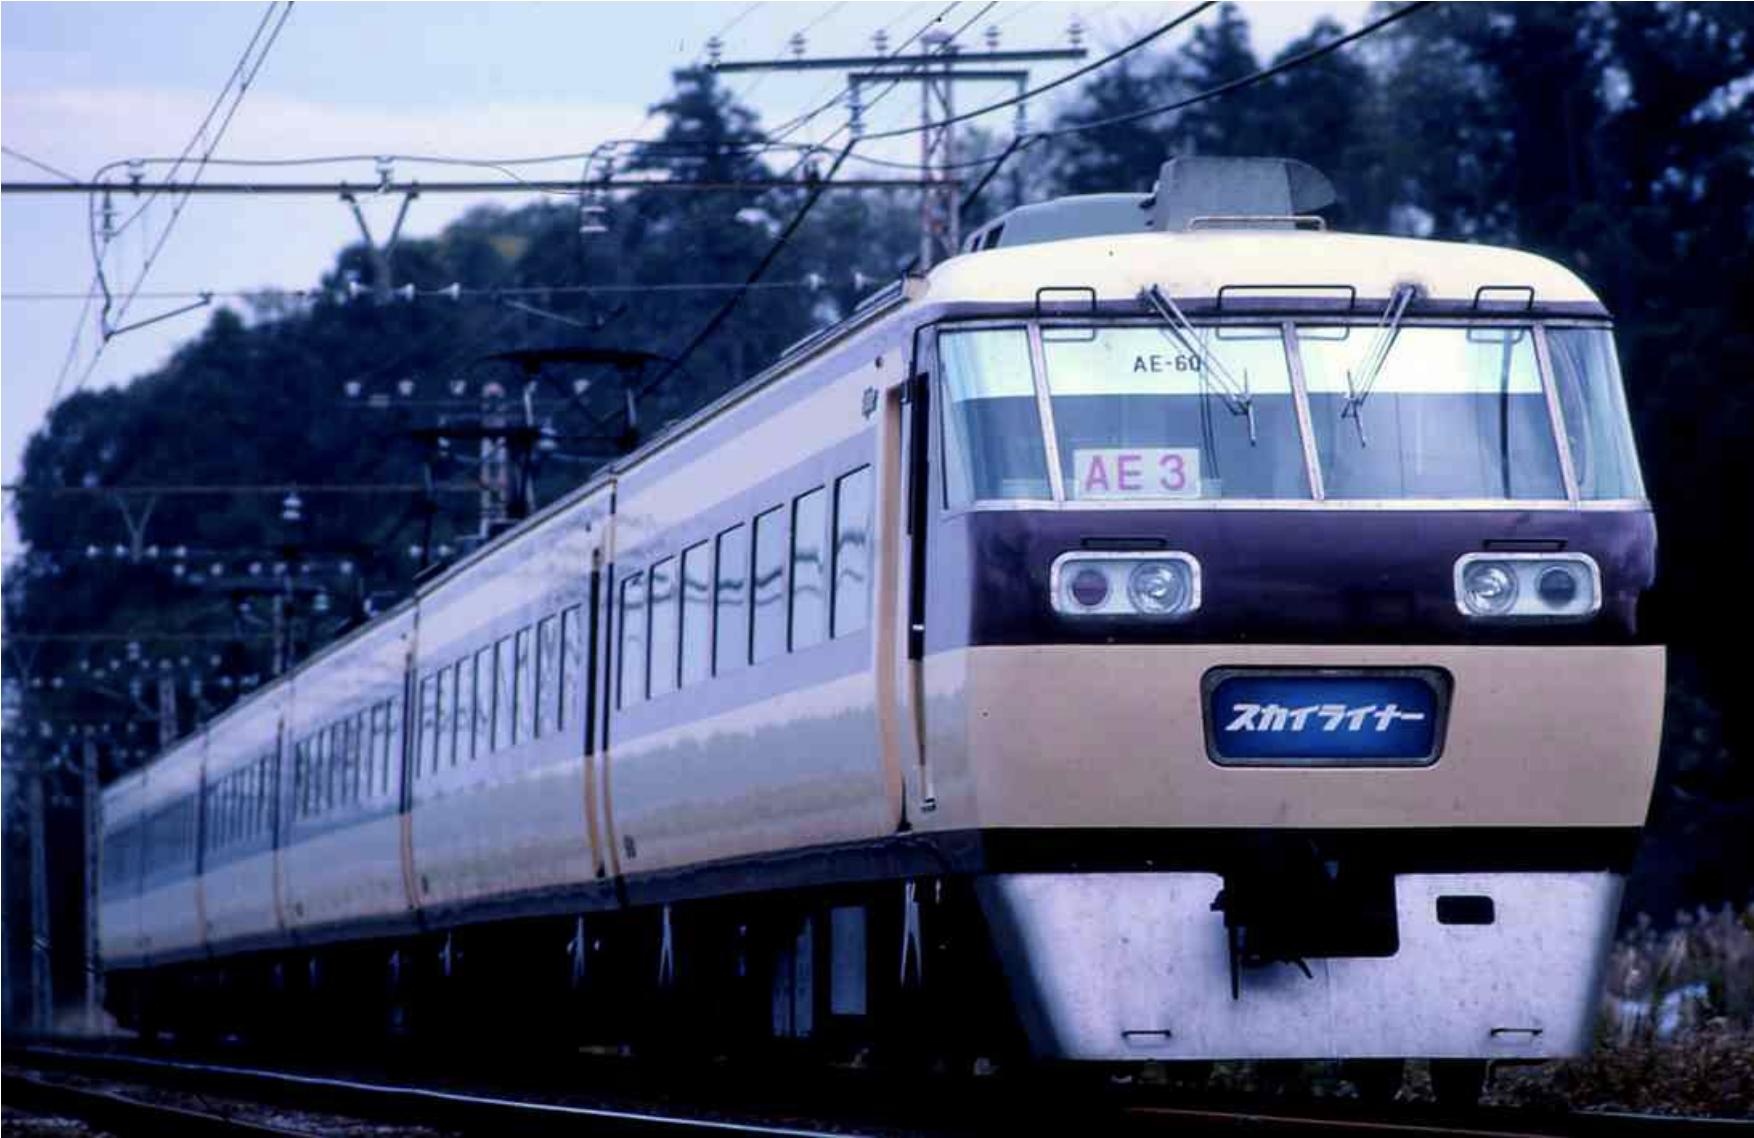 【マイクロエース】京成電鉄 初代AE形 スカイライナー(旧塗装)